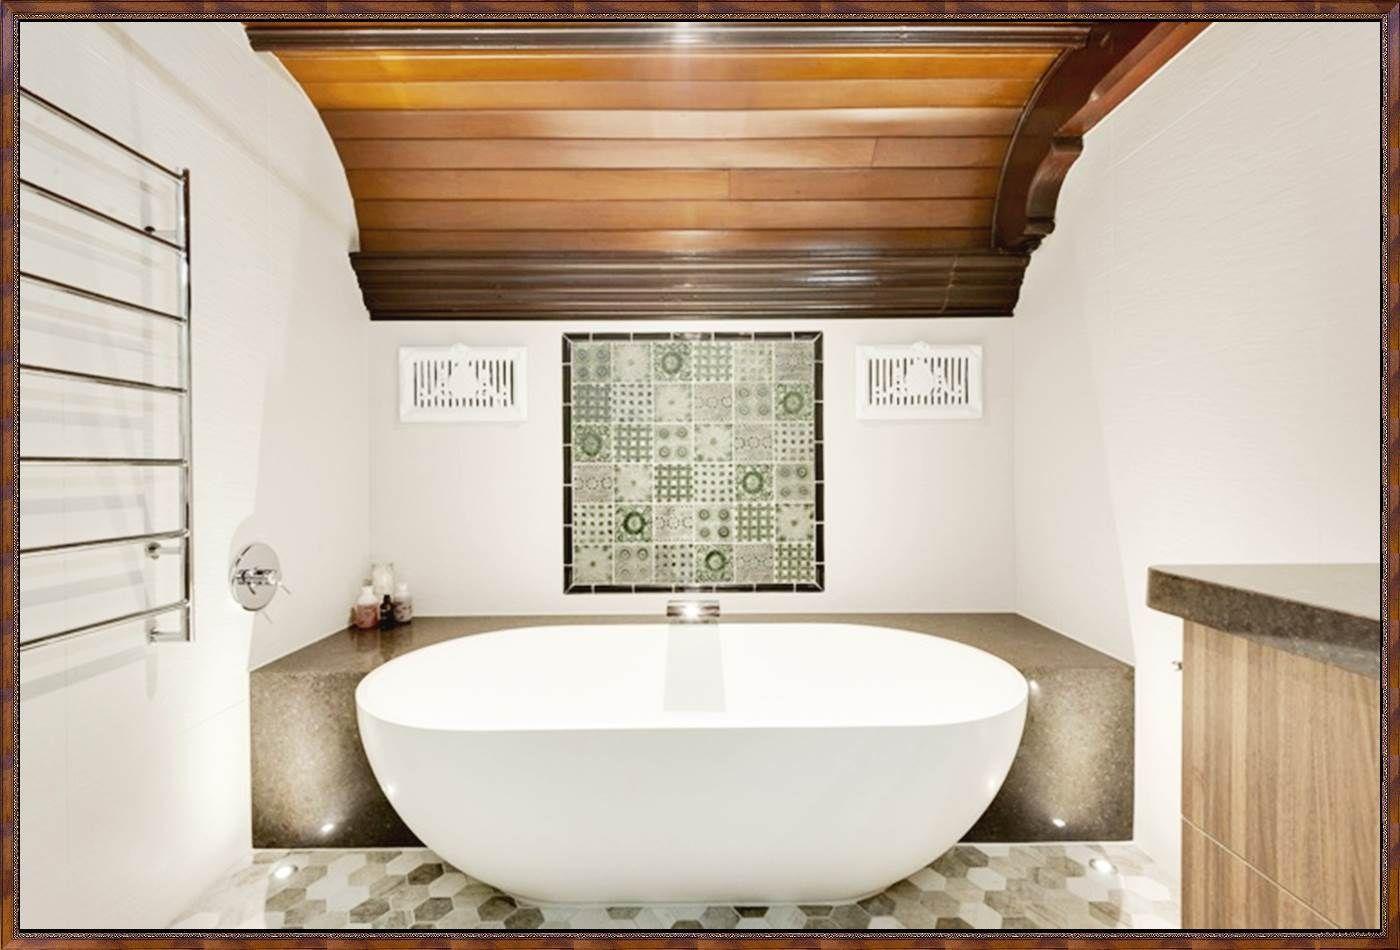 Freistehende Badewanne Halb Einbauen Jpg 1400 950 Badrenovierung Kleines Bad Renovierungen Badgestaltung